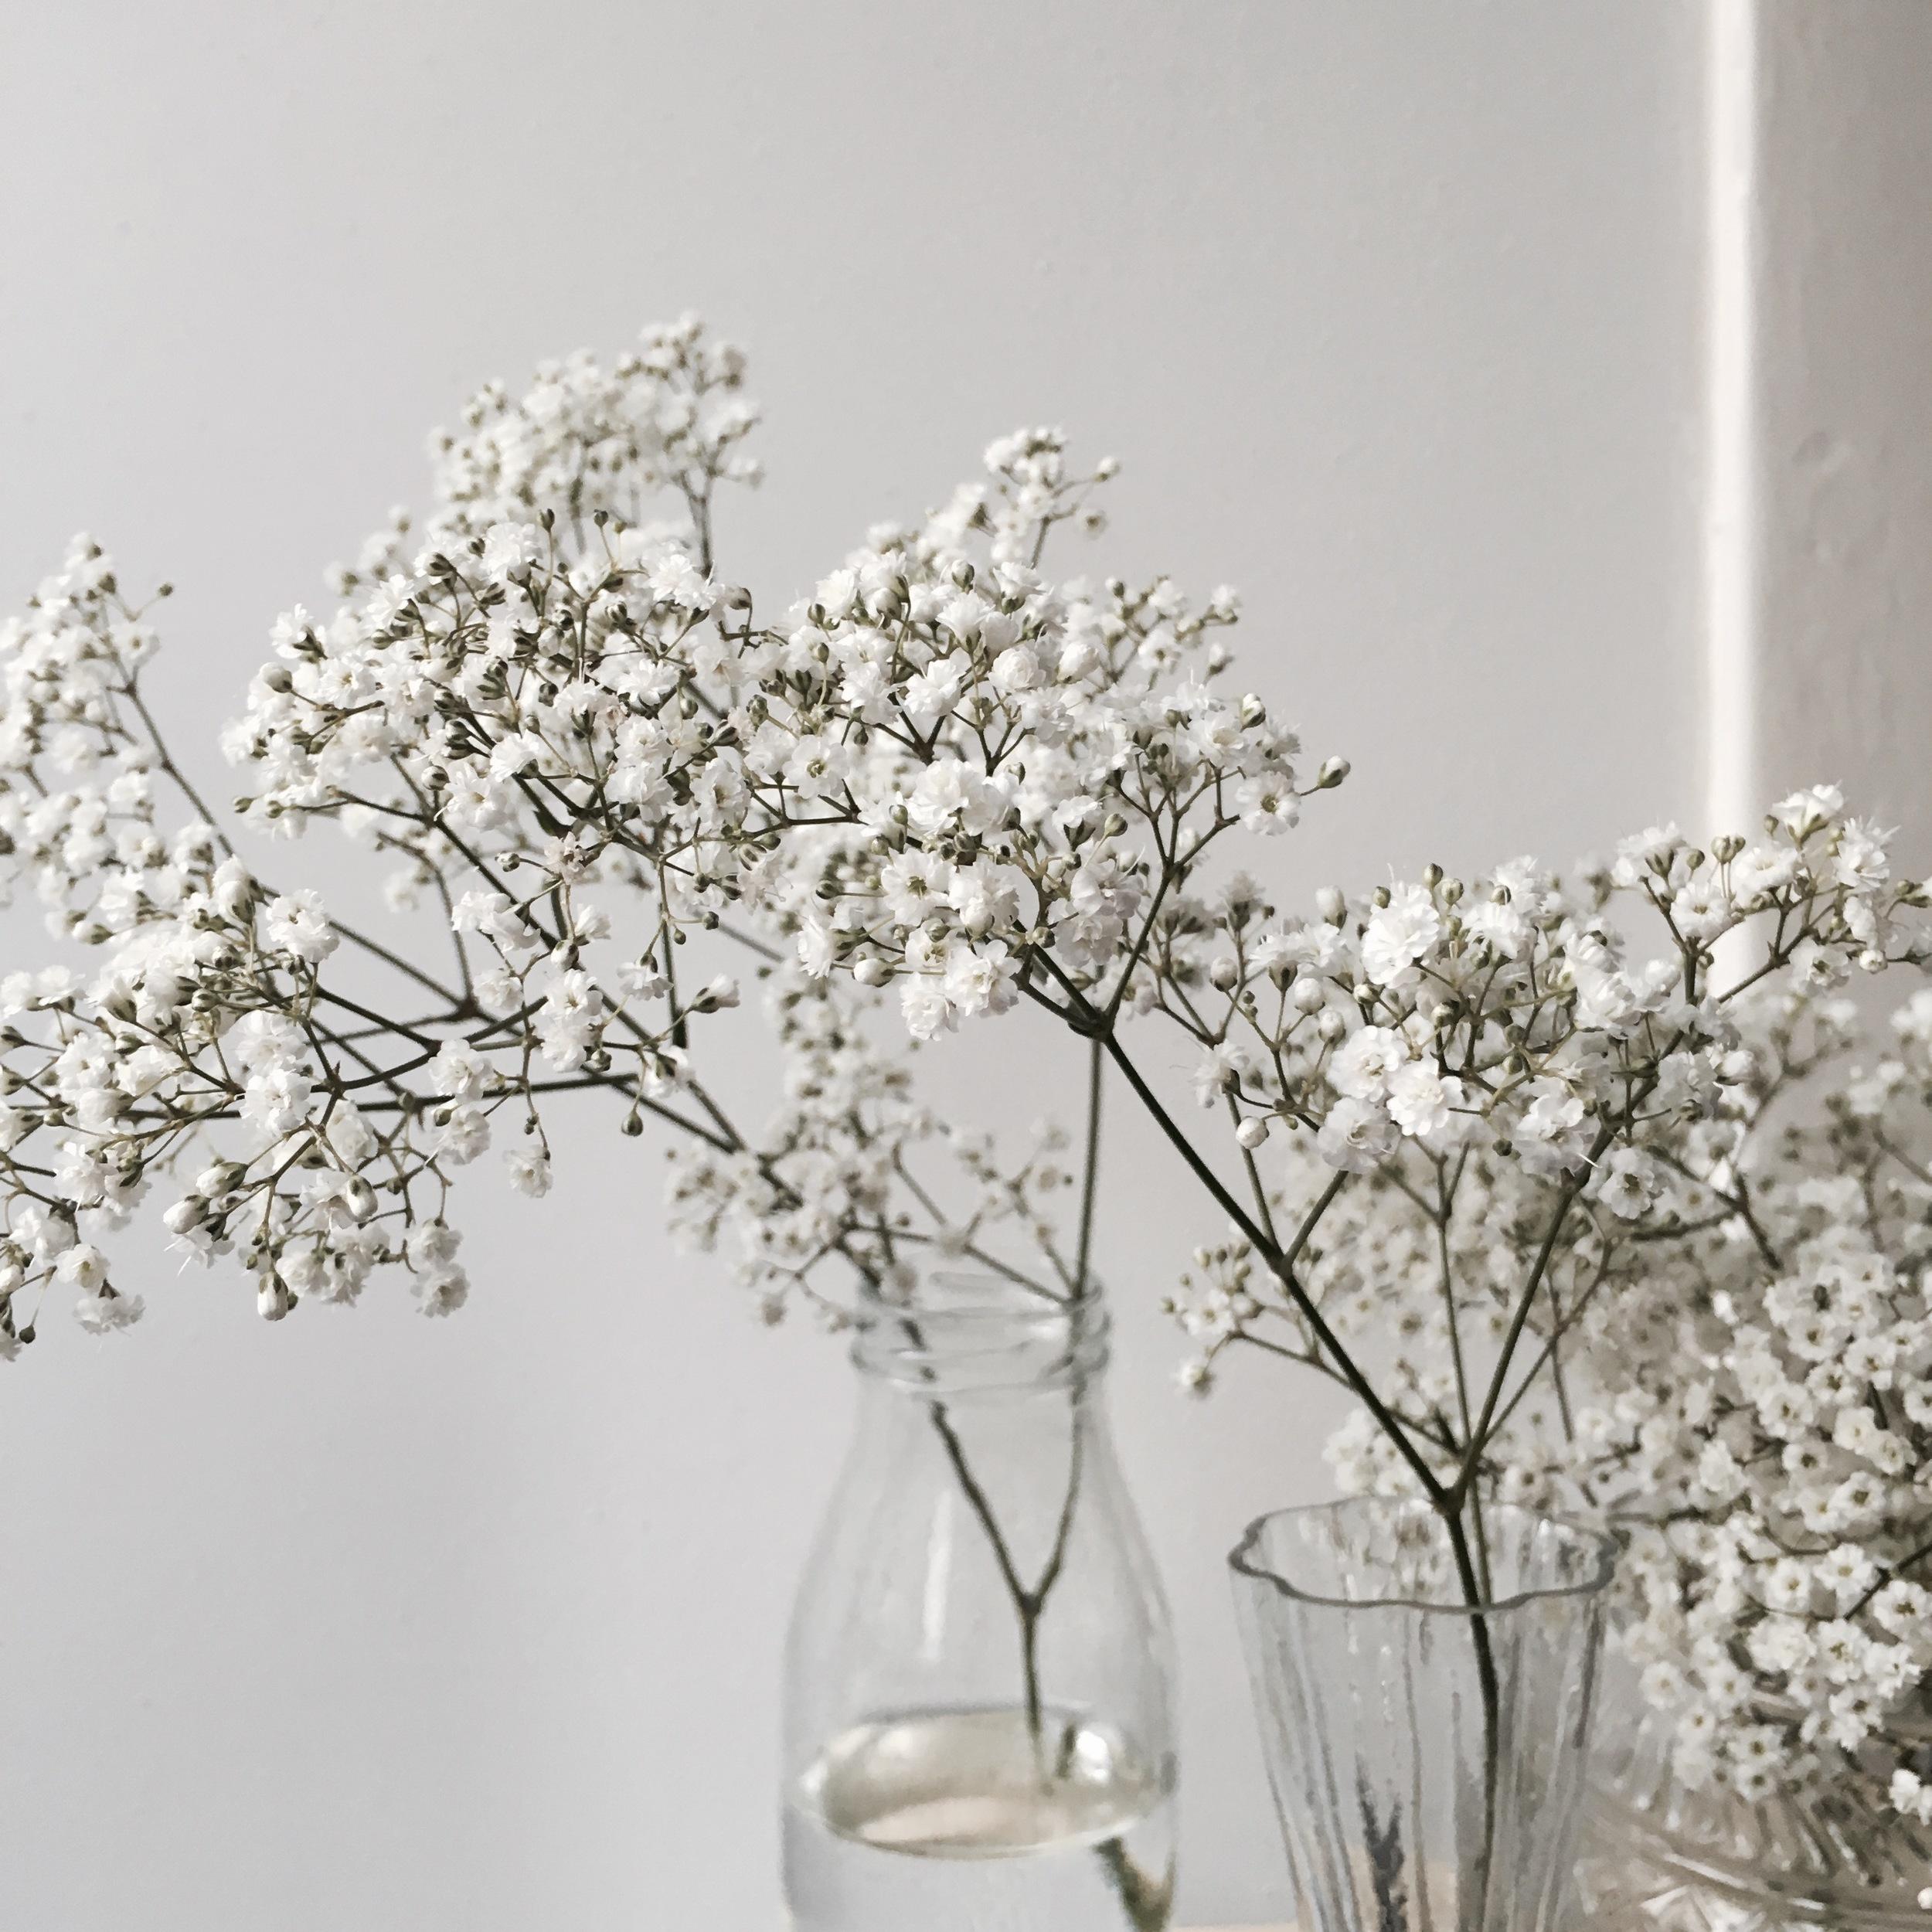 Flower bloom_022.JPG